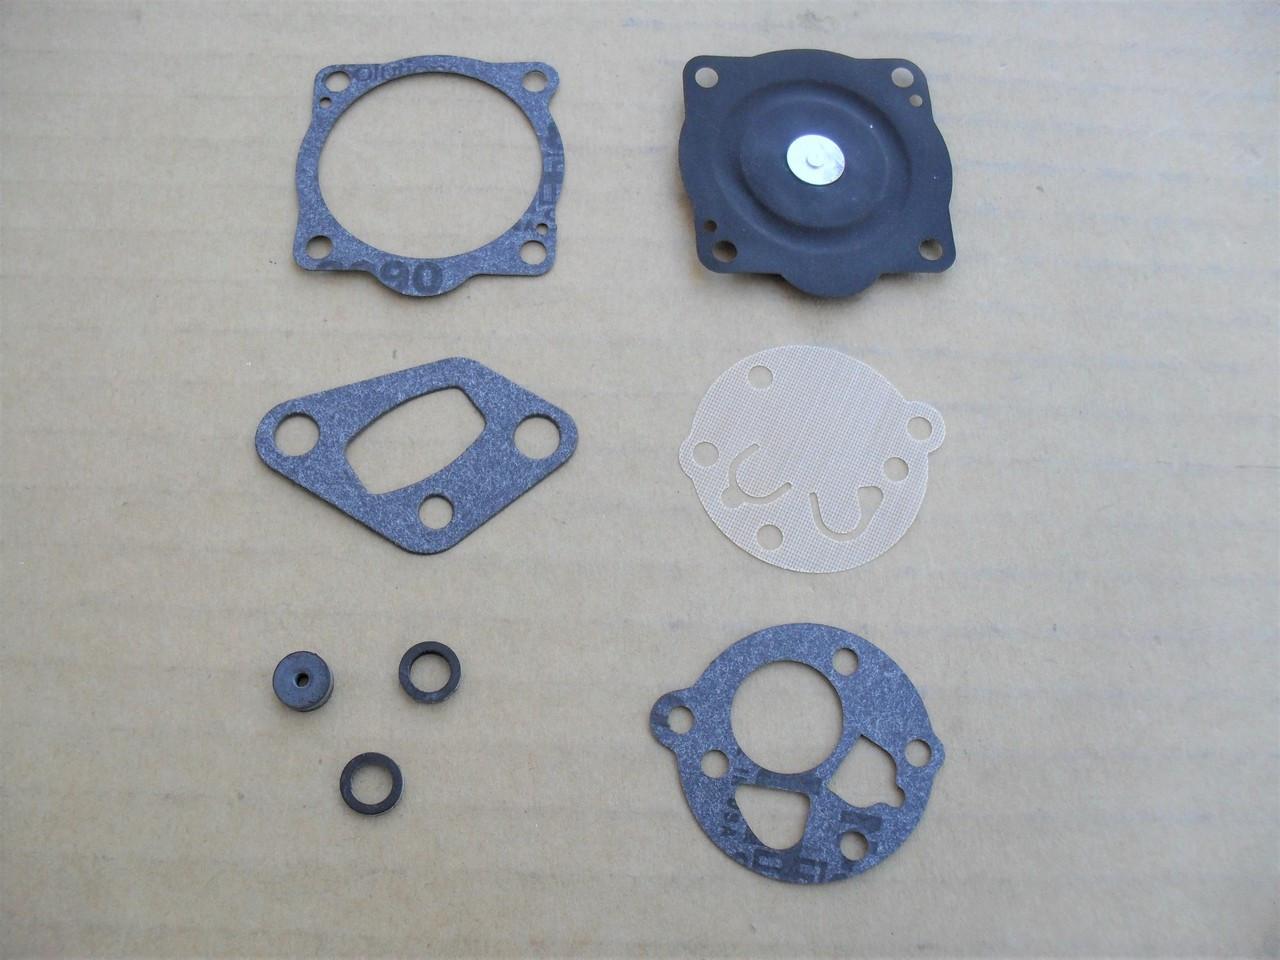 Carburetor Rebuild Kit TK2 for Shindaiwa C25, T25, 99909125, 99909-125, Made In USA